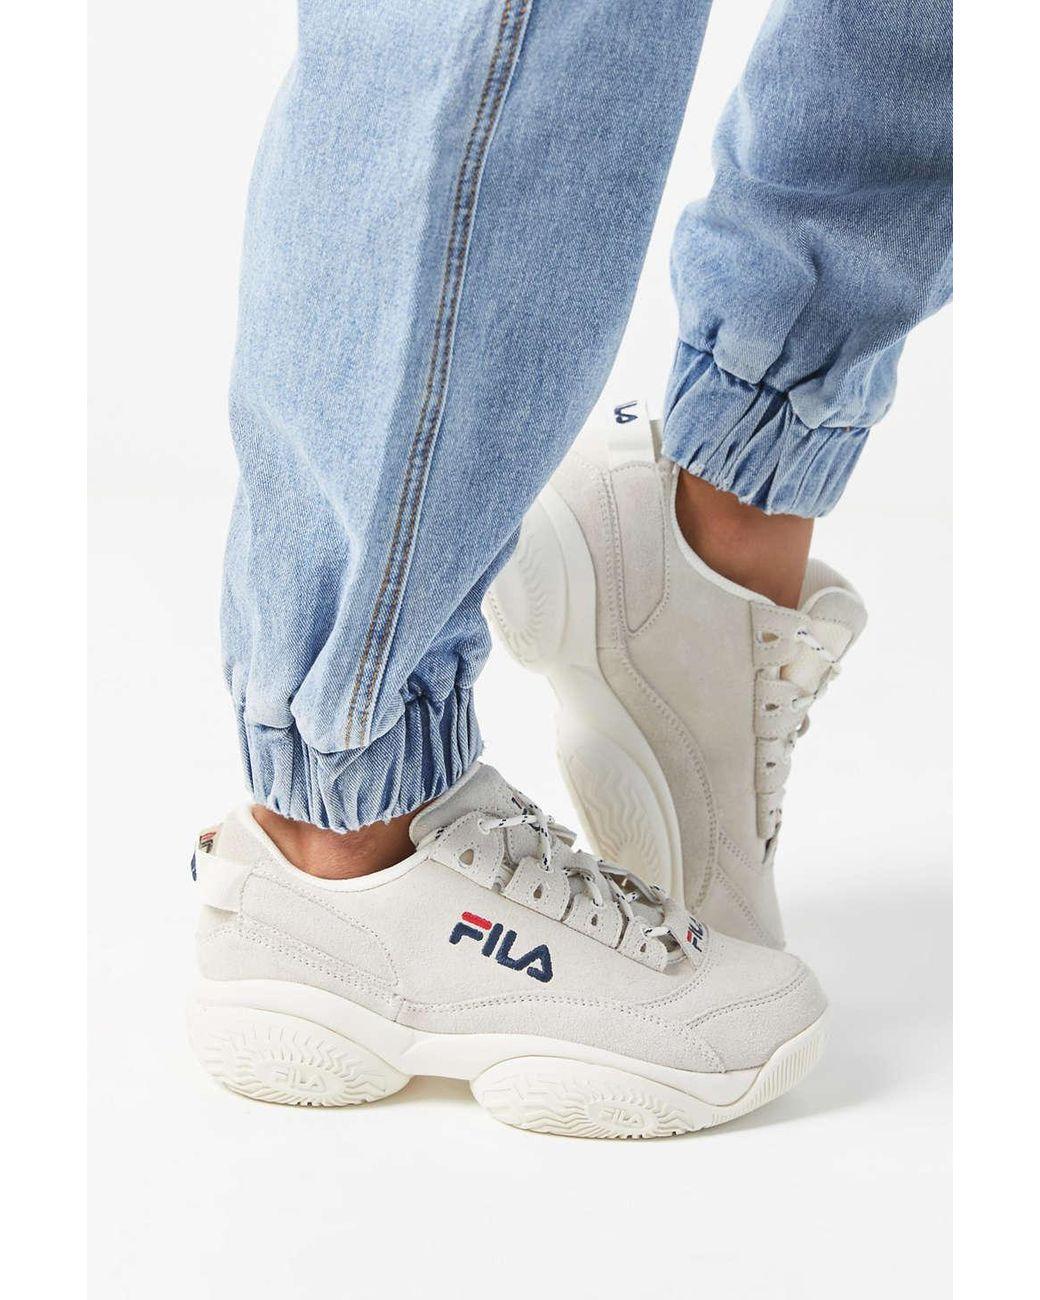 new images of outlet outlet online Fila Provenancesneaker